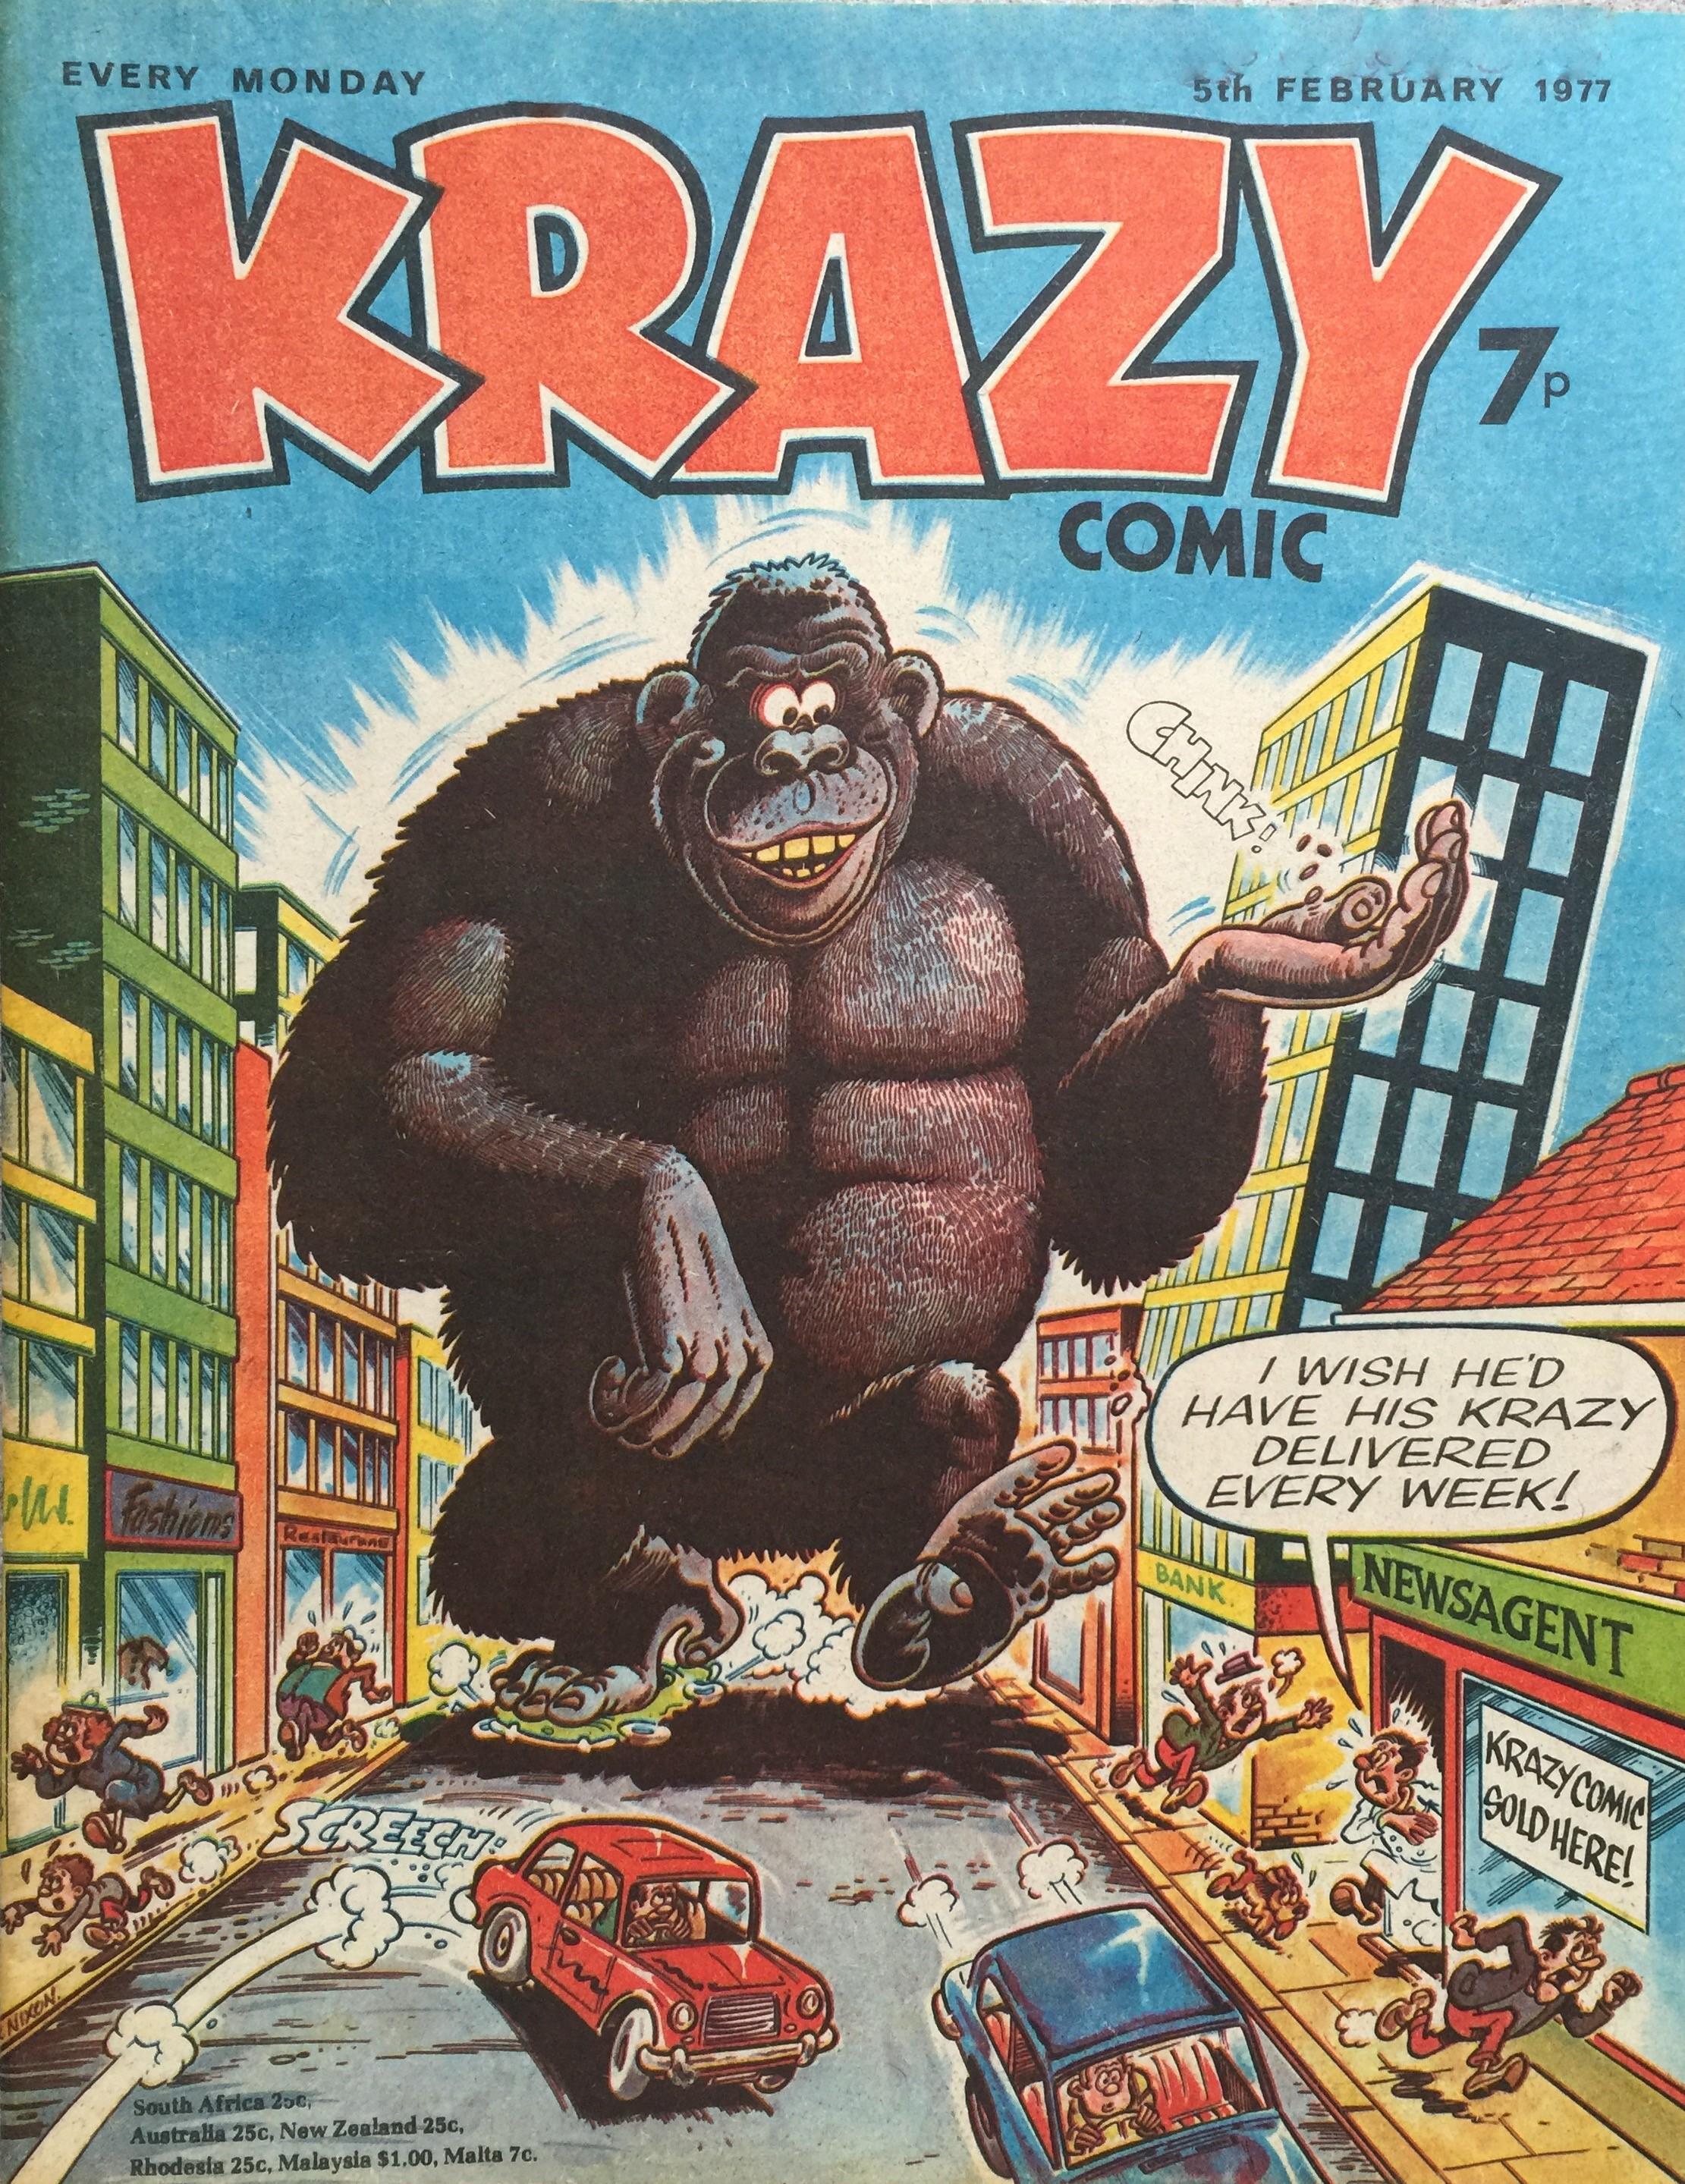 Cover artwork: Robert Nixon